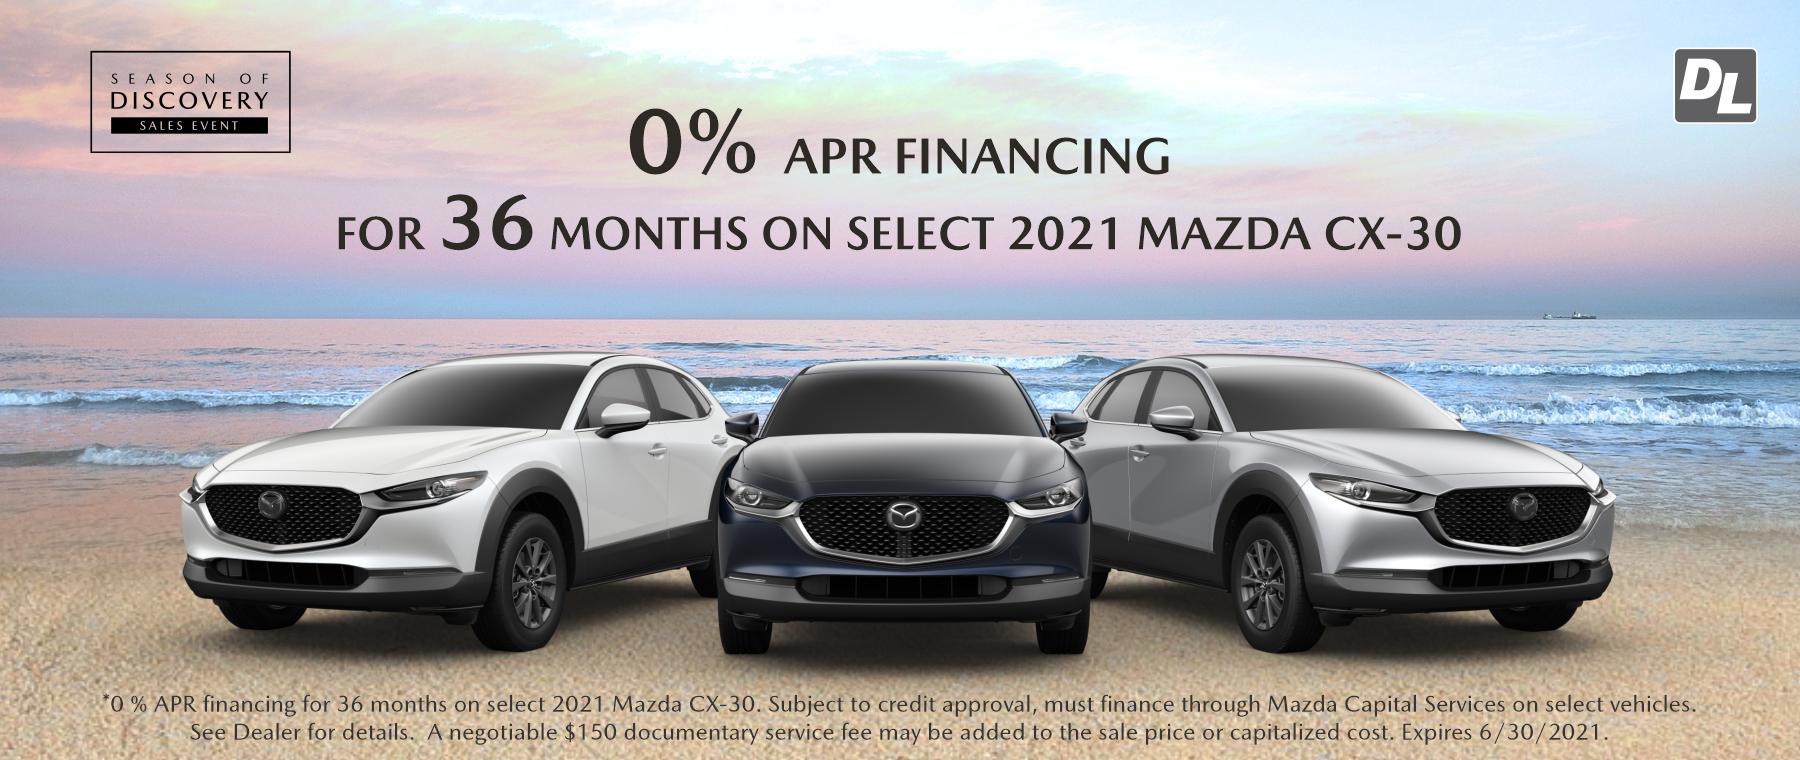 2021JuneBanners-Mazda-cx-30-2